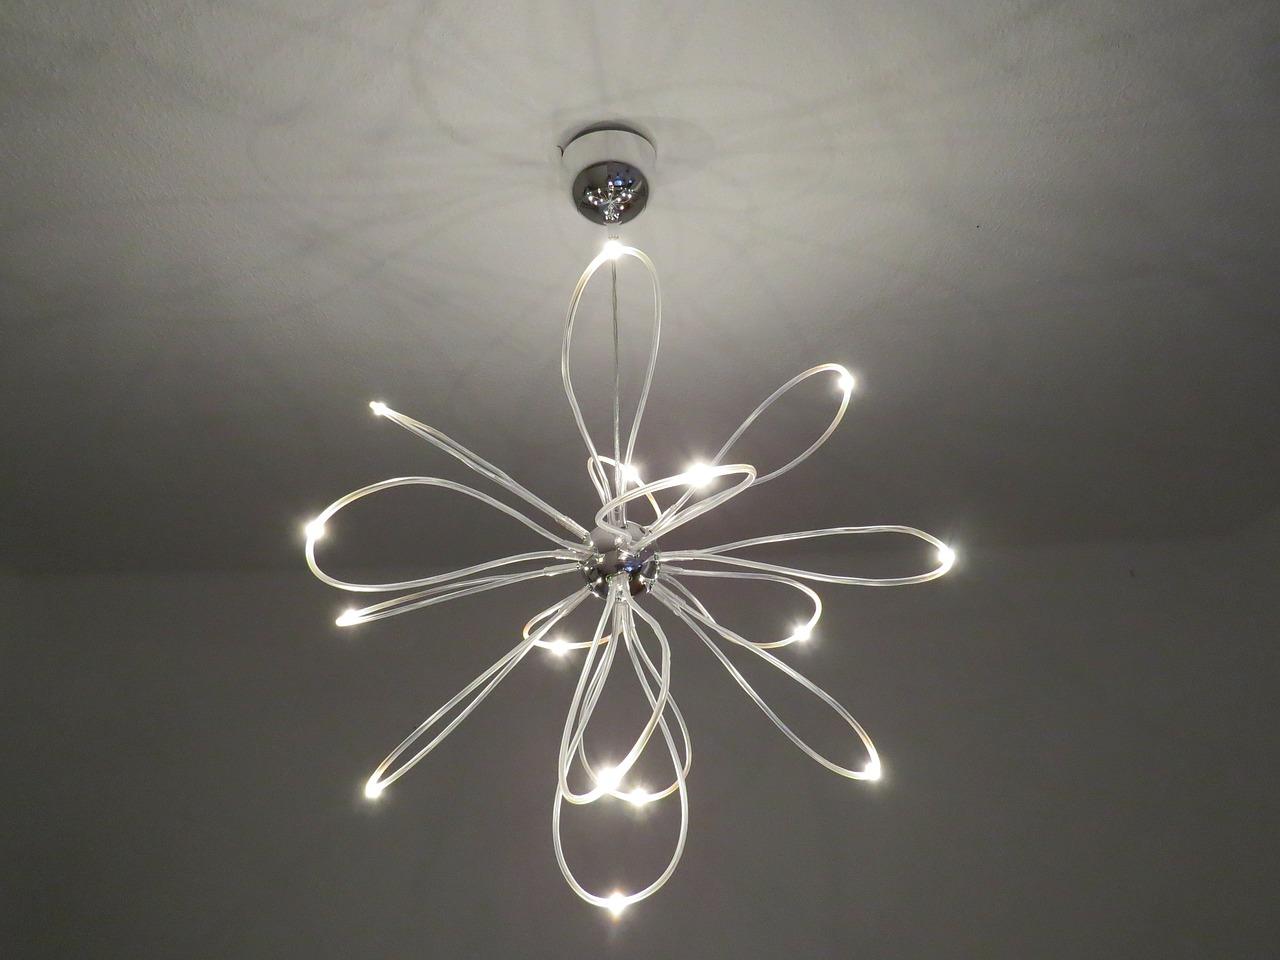 Oznaczenia na opakowaniach LED- co oznaczają